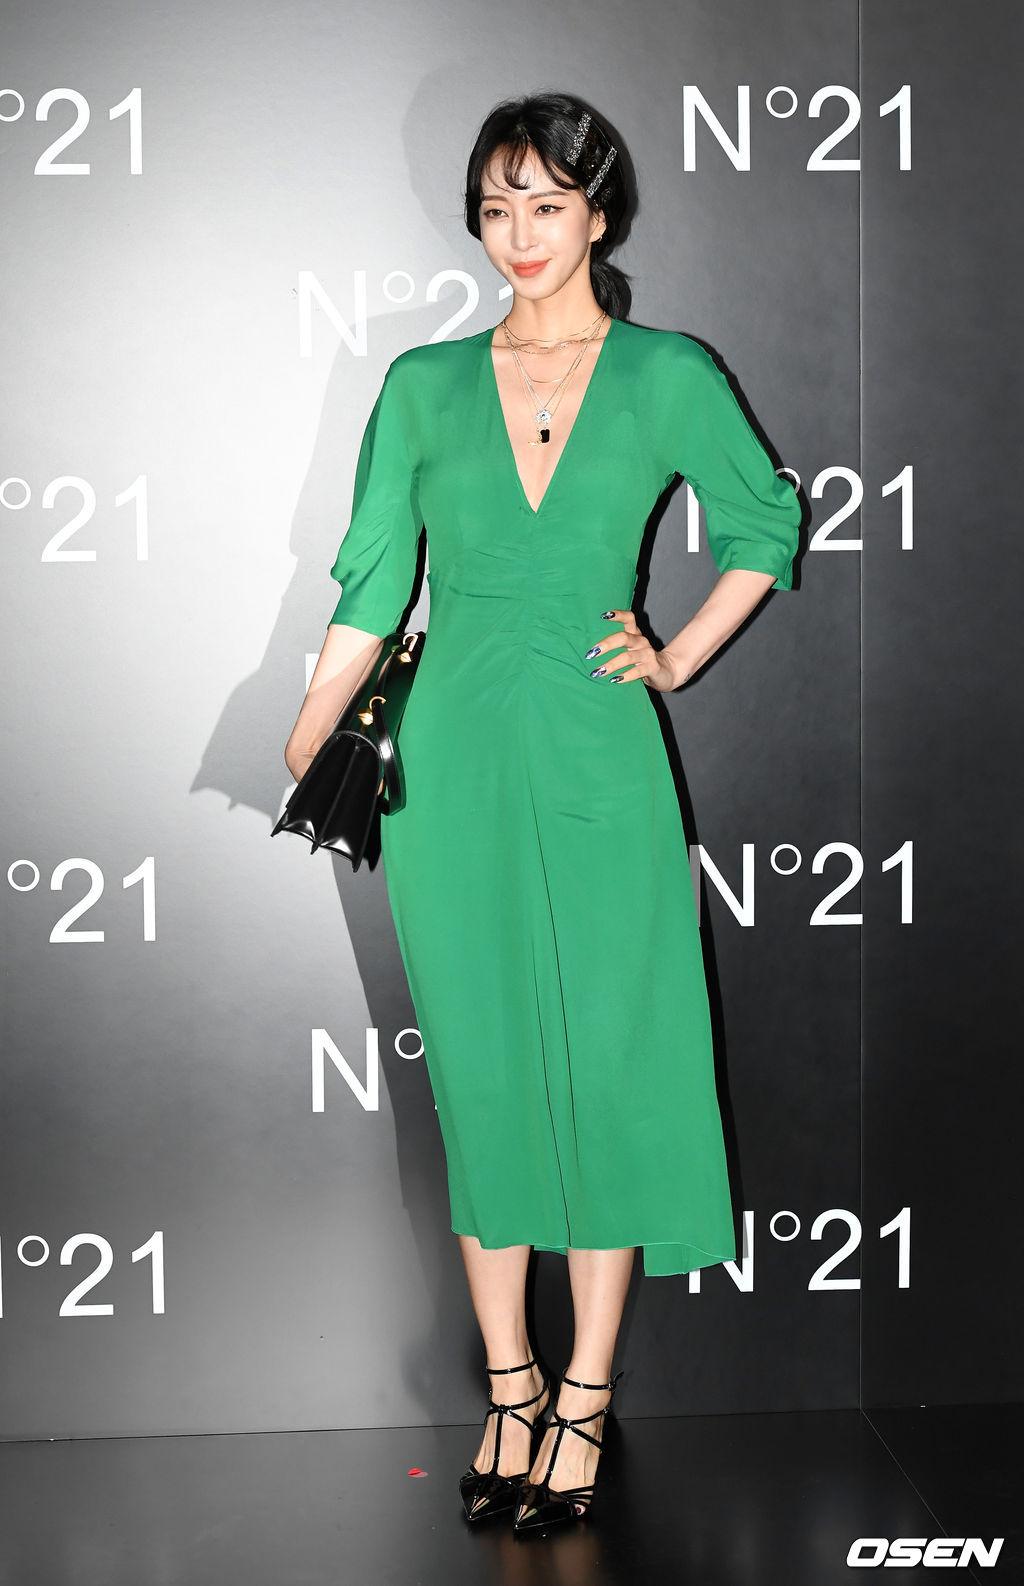 han ye seul green dress 5